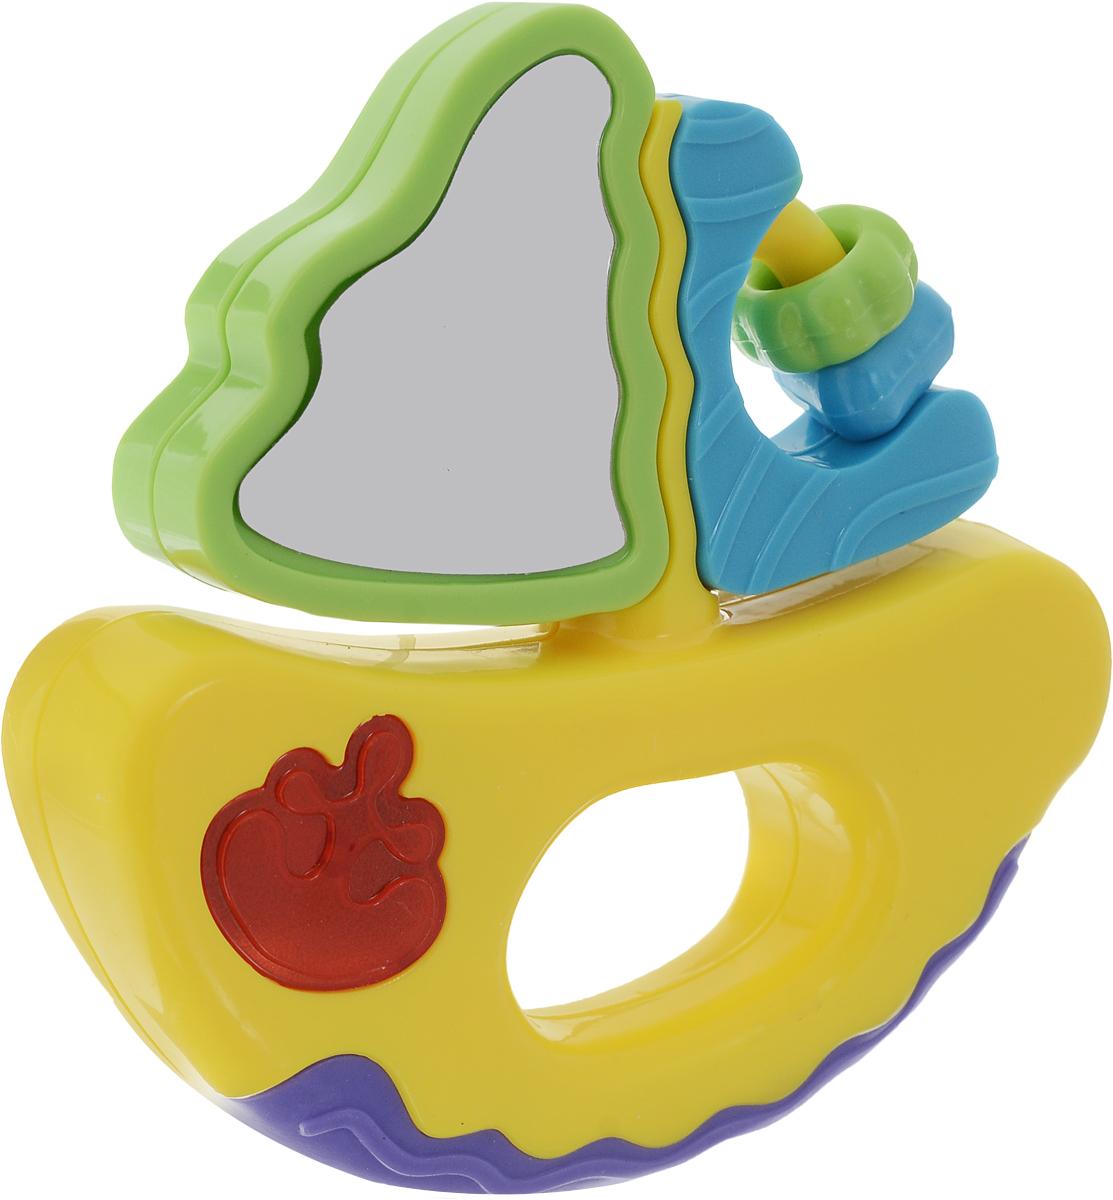 Mommy Love Развивающая игрушка Веселое путешествие Кораблик цвет желтый фиолетовый конструкторы mommy love мягкий конструктор